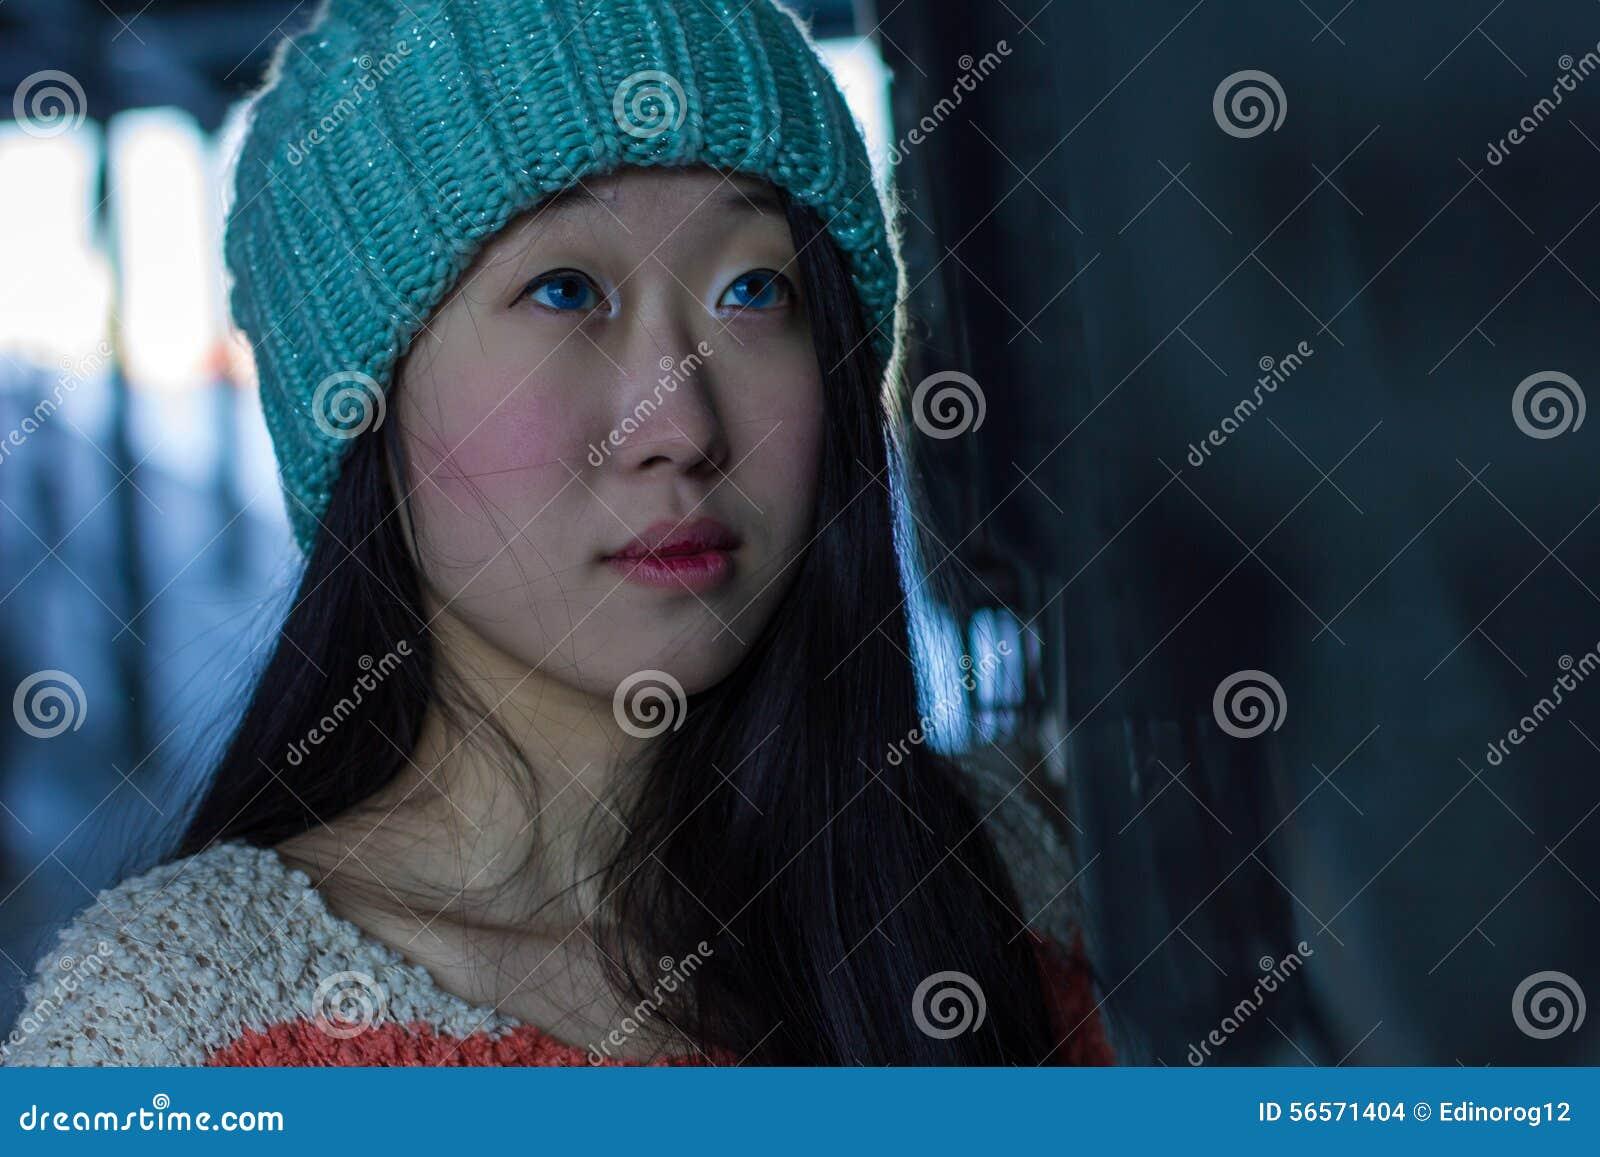 Download Πορτρέτο του μοντέρνου ασιατικού κοριτσιού στην οδό Στοκ Εικόνες - εικόνα από κινεζικά, κοιτάξτε: 56571404